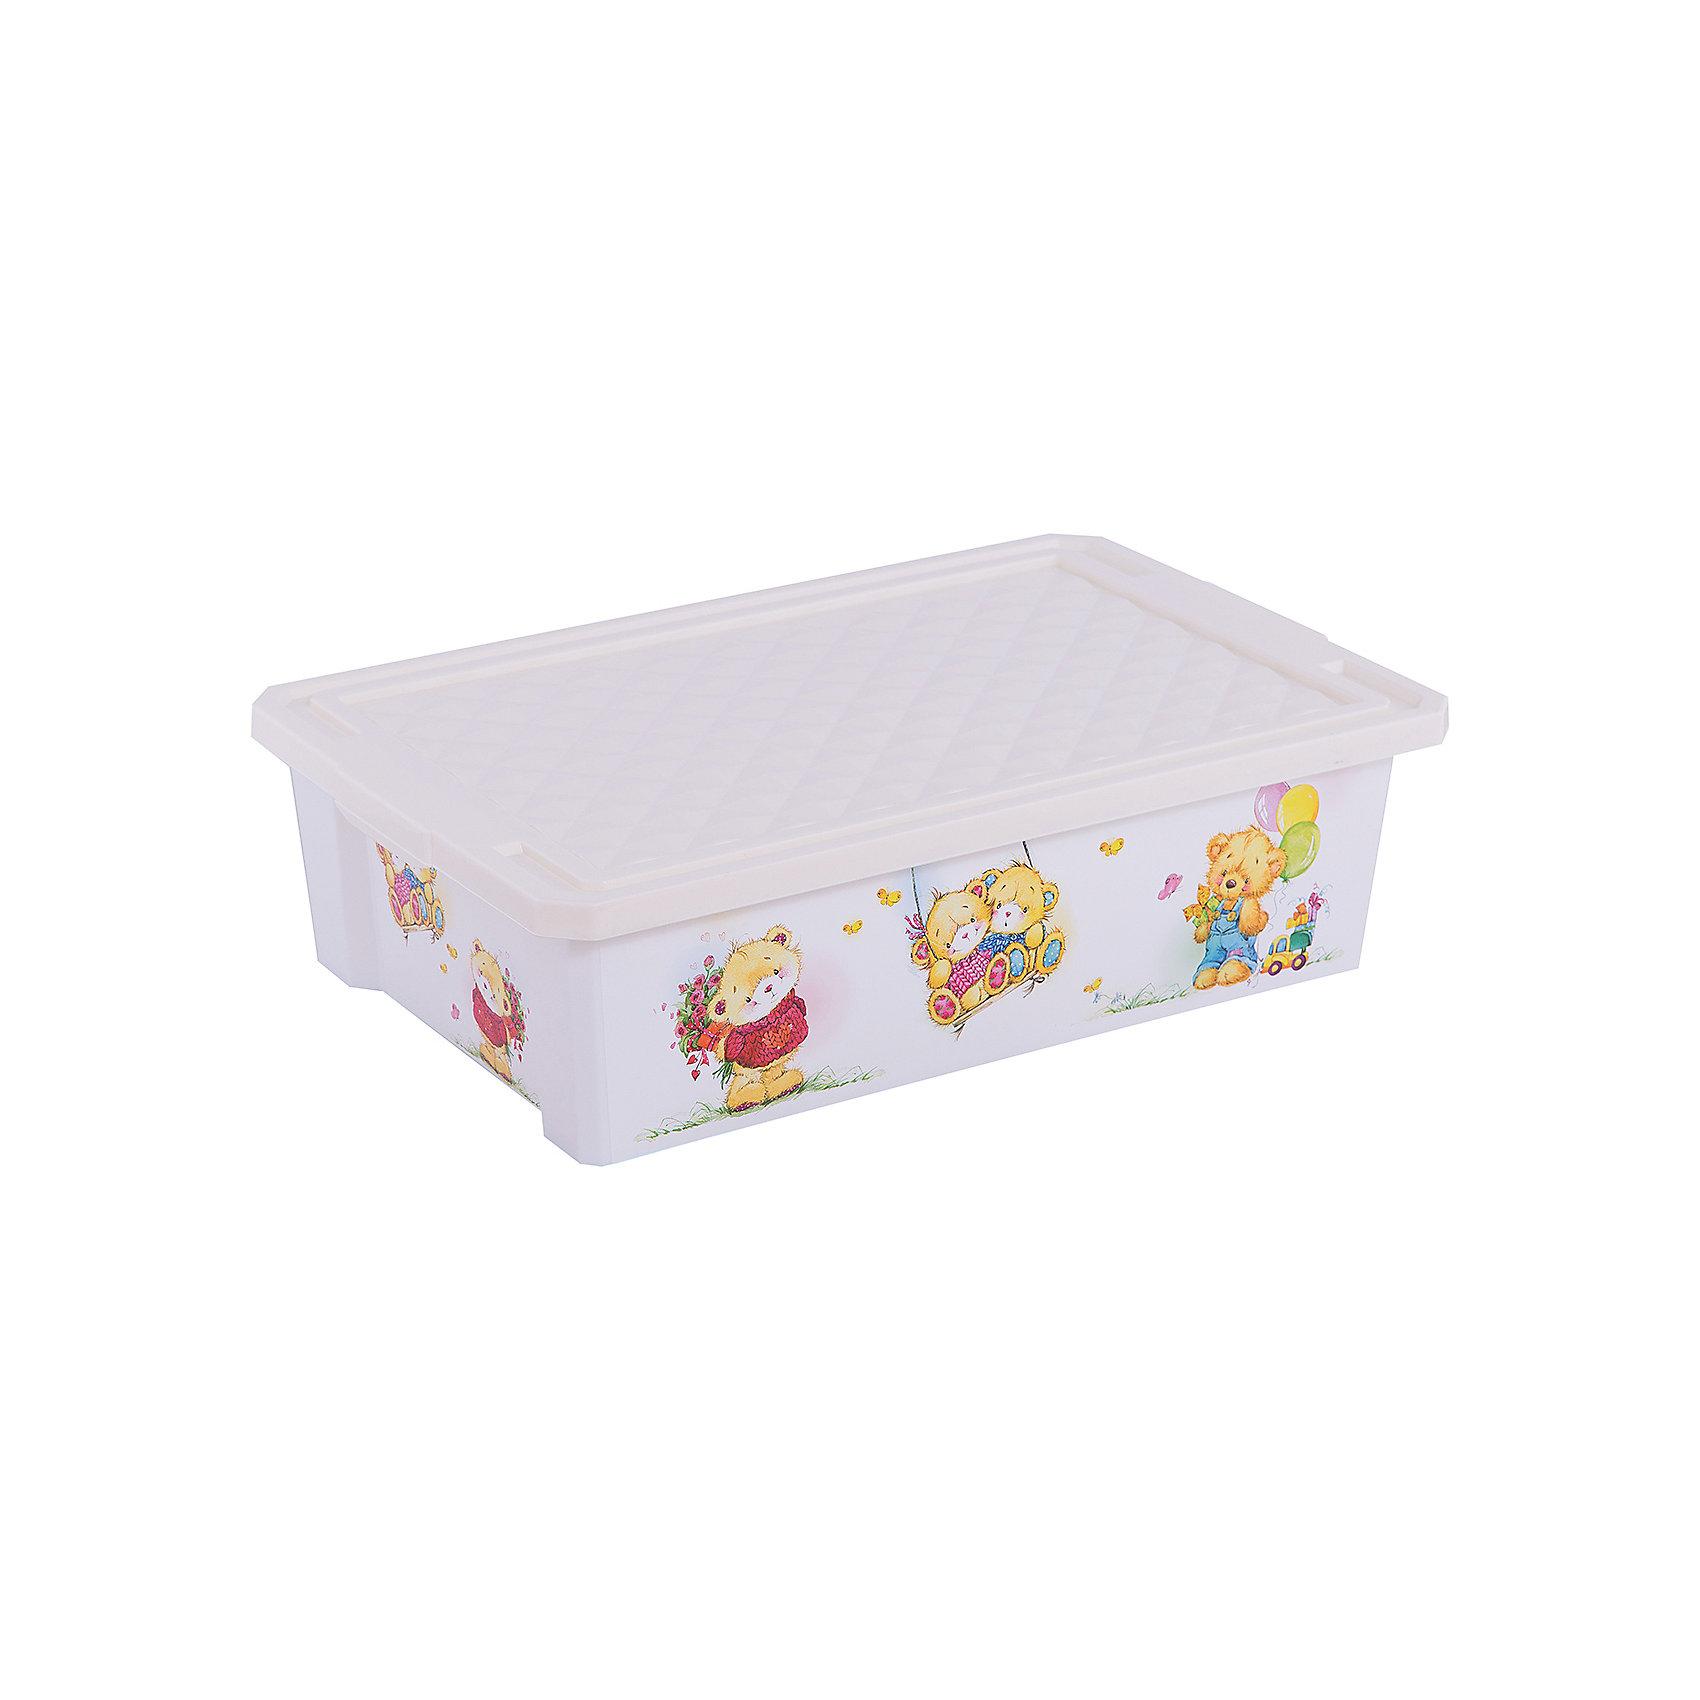 Ящик для хранения игрушек X-BOX Bears 30л на колесах, Little Angel, слоновая костьЯщик для хранения игрушек X-BOX Bears 30 л на колесах, Little Angel, слоновая кость изготовлен отечественным производителем . Выполненный из высококачественного пластика, устойчивого к внешним повреждениям и изменению цвета, ящик станет не только необходимым предметом для хранения детских игрушек и принадлежностей, но и украсит детскую комнату своим ярким дизайном. Он выполнен в цвете слоновой кости, по бокам нанесены устойчивые к повреждению изображения медвежат. Ящик оснащен крышкой, что защитит хранящиеся в нем предметы от пыли. Ящик оснащен колесиками, что позволяет его легко передвигать по помещению даже ребенку.<br>Ящик для хранения игрушек X-BOX Bears 30 л на колесах, Little Angel, слоновая кость достаточно прост в уходе, его можно протирать влажной губкой или мыть в теплой воде. <br><br>Дополнительная информация:<br><br>- Предназначение: для дома<br>- Цвет: слоновая кость, розовый<br>- Пол: для девочки<br>- Материал: пластик<br>- Размер (Д*Ш*В): 61*40,5*19,3 см<br>- Объем: 30 л<br>- Вес: 1 кг 314 г<br>- Особенности ухода: разрешается мыть теплой водой<br><br>Подробнее:<br><br>• Для детей в возрасте: от 2 лет и до 7 лет<br>• Страна производитель: Россия<br>• Торговый бренд: Little Angel<br><br>Ящик для хранения игрушек X-BOX Bears 30 л на колесах, Little Angel, слоновая кость можно купить в нашем интернет-магазине.<br><br>Ширина мм: 610<br>Глубина мм: 405<br>Высота мм: 193<br>Вес г: 1314<br>Возраст от месяцев: 24<br>Возраст до месяцев: 84<br>Пол: Унисекс<br>Возраст: Детский<br>SKU: 4881779